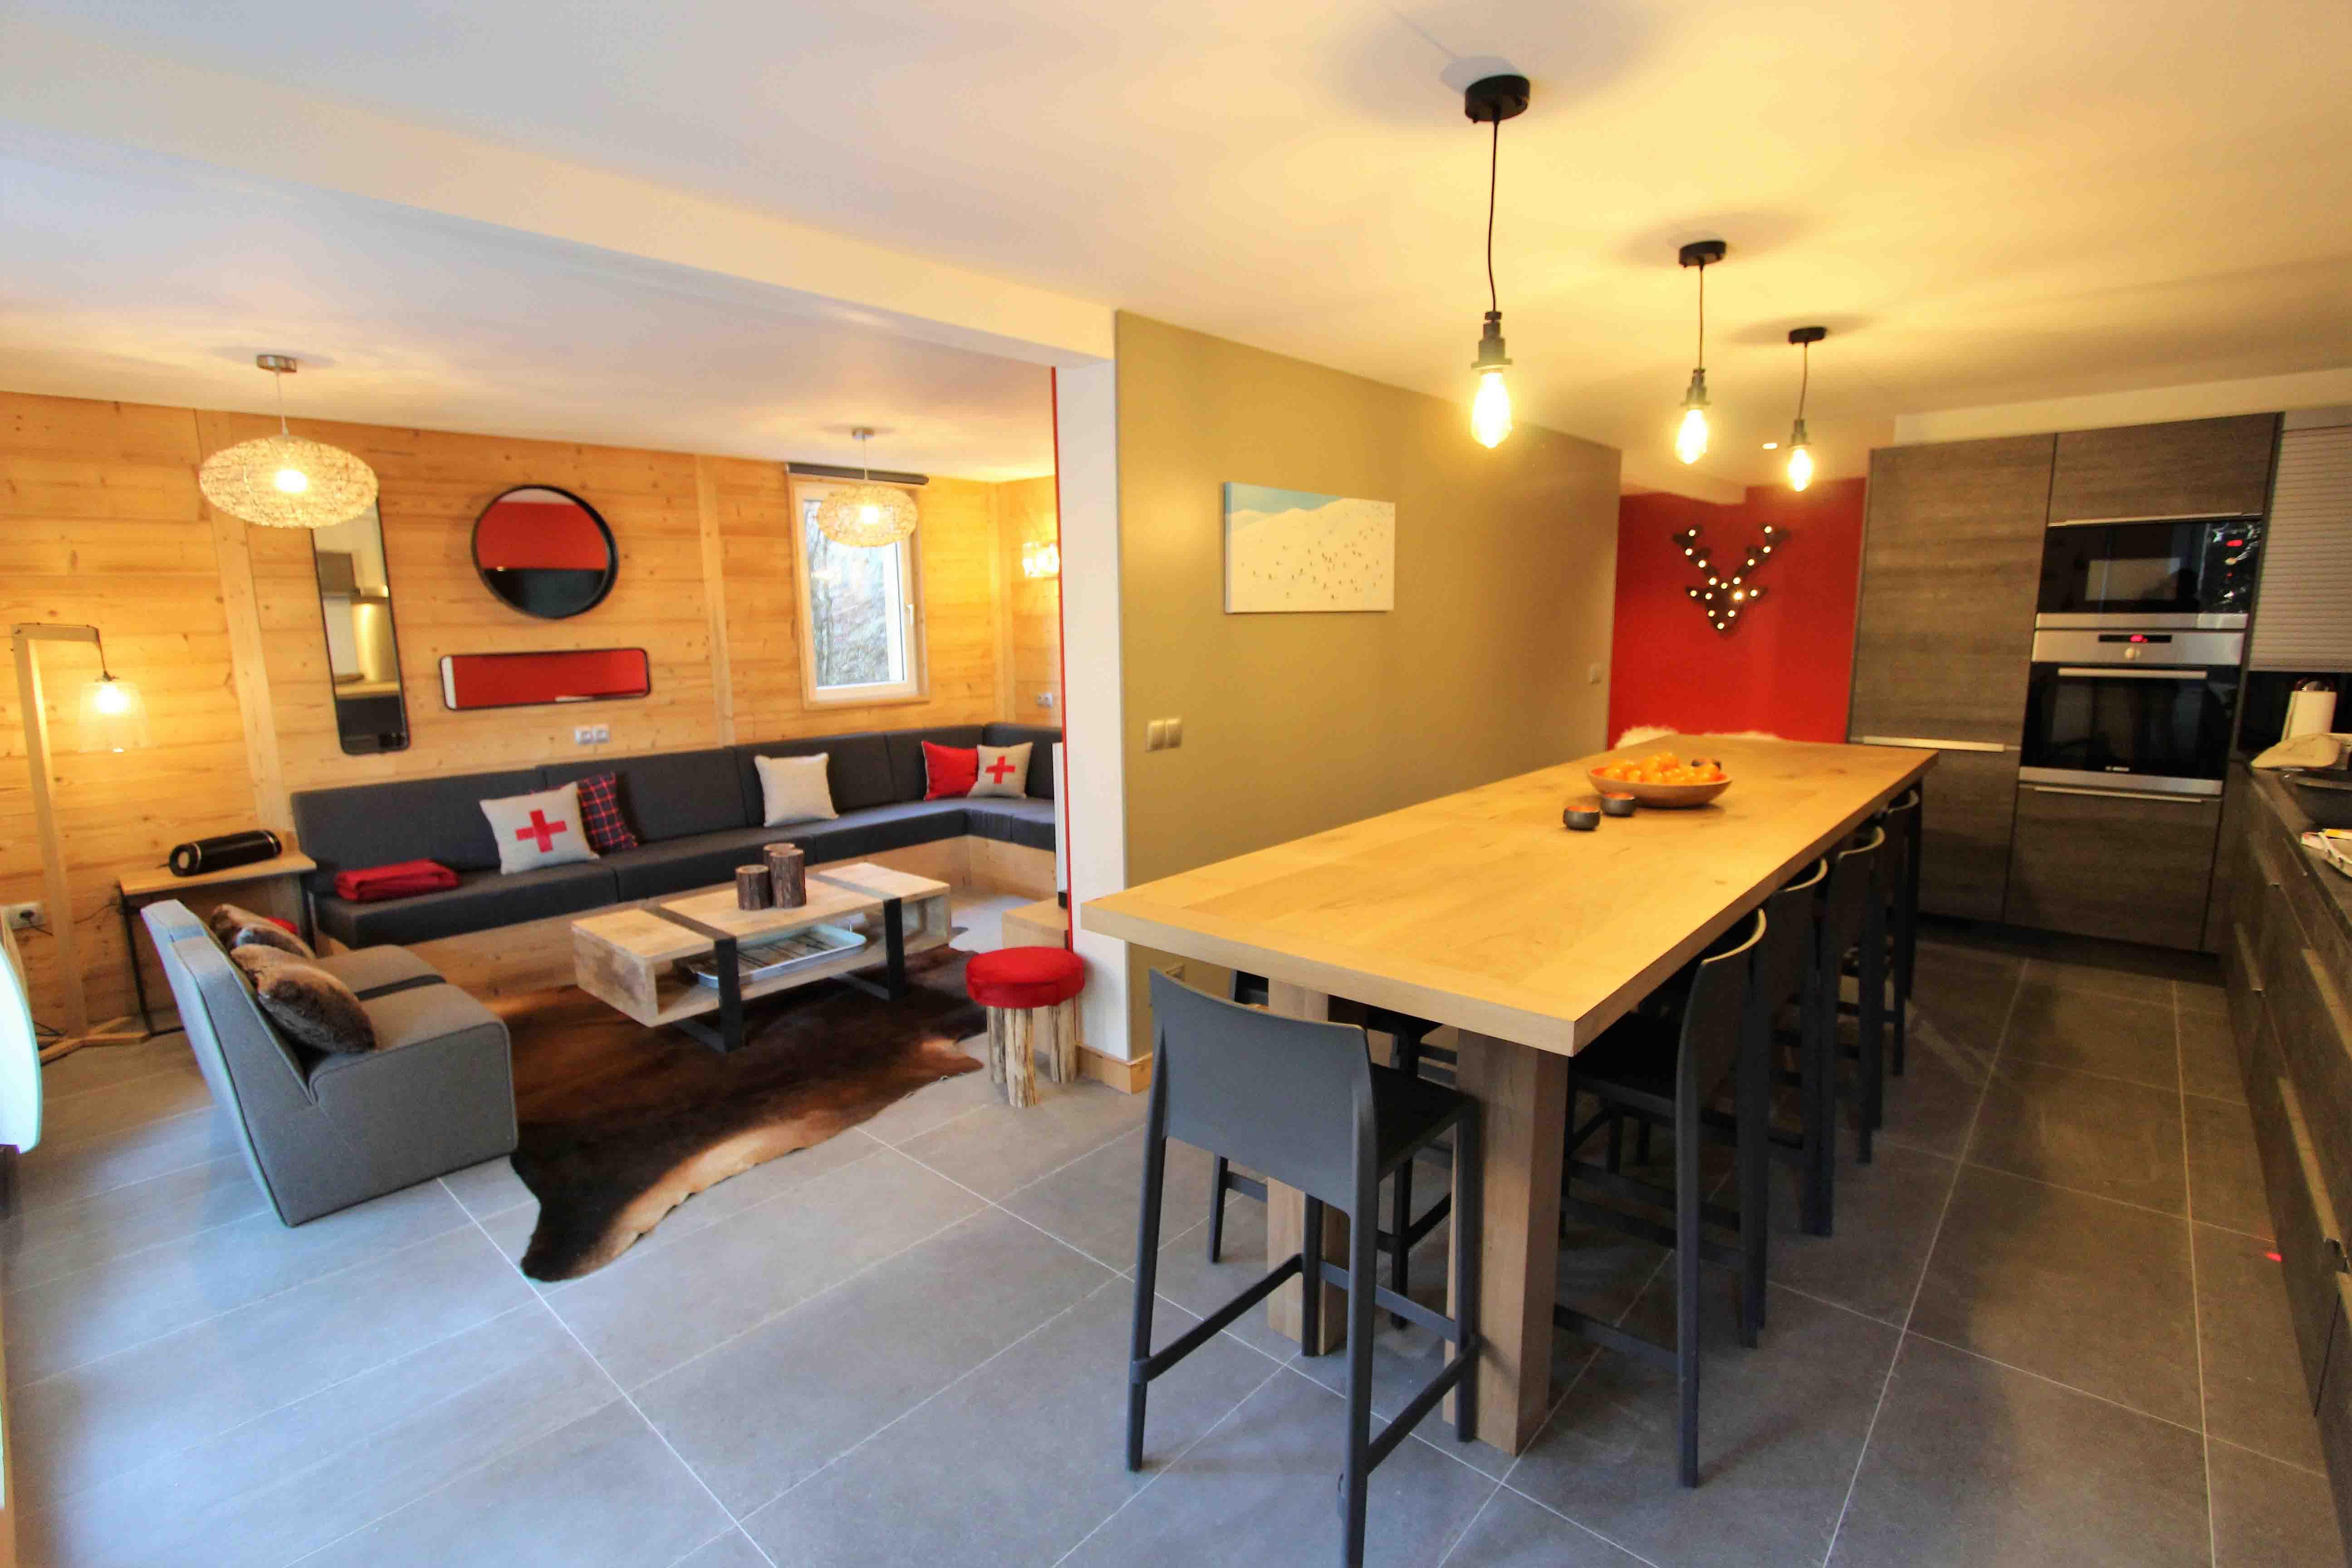 Location appartement standin 12 personnes les 2 Alpes conviviale